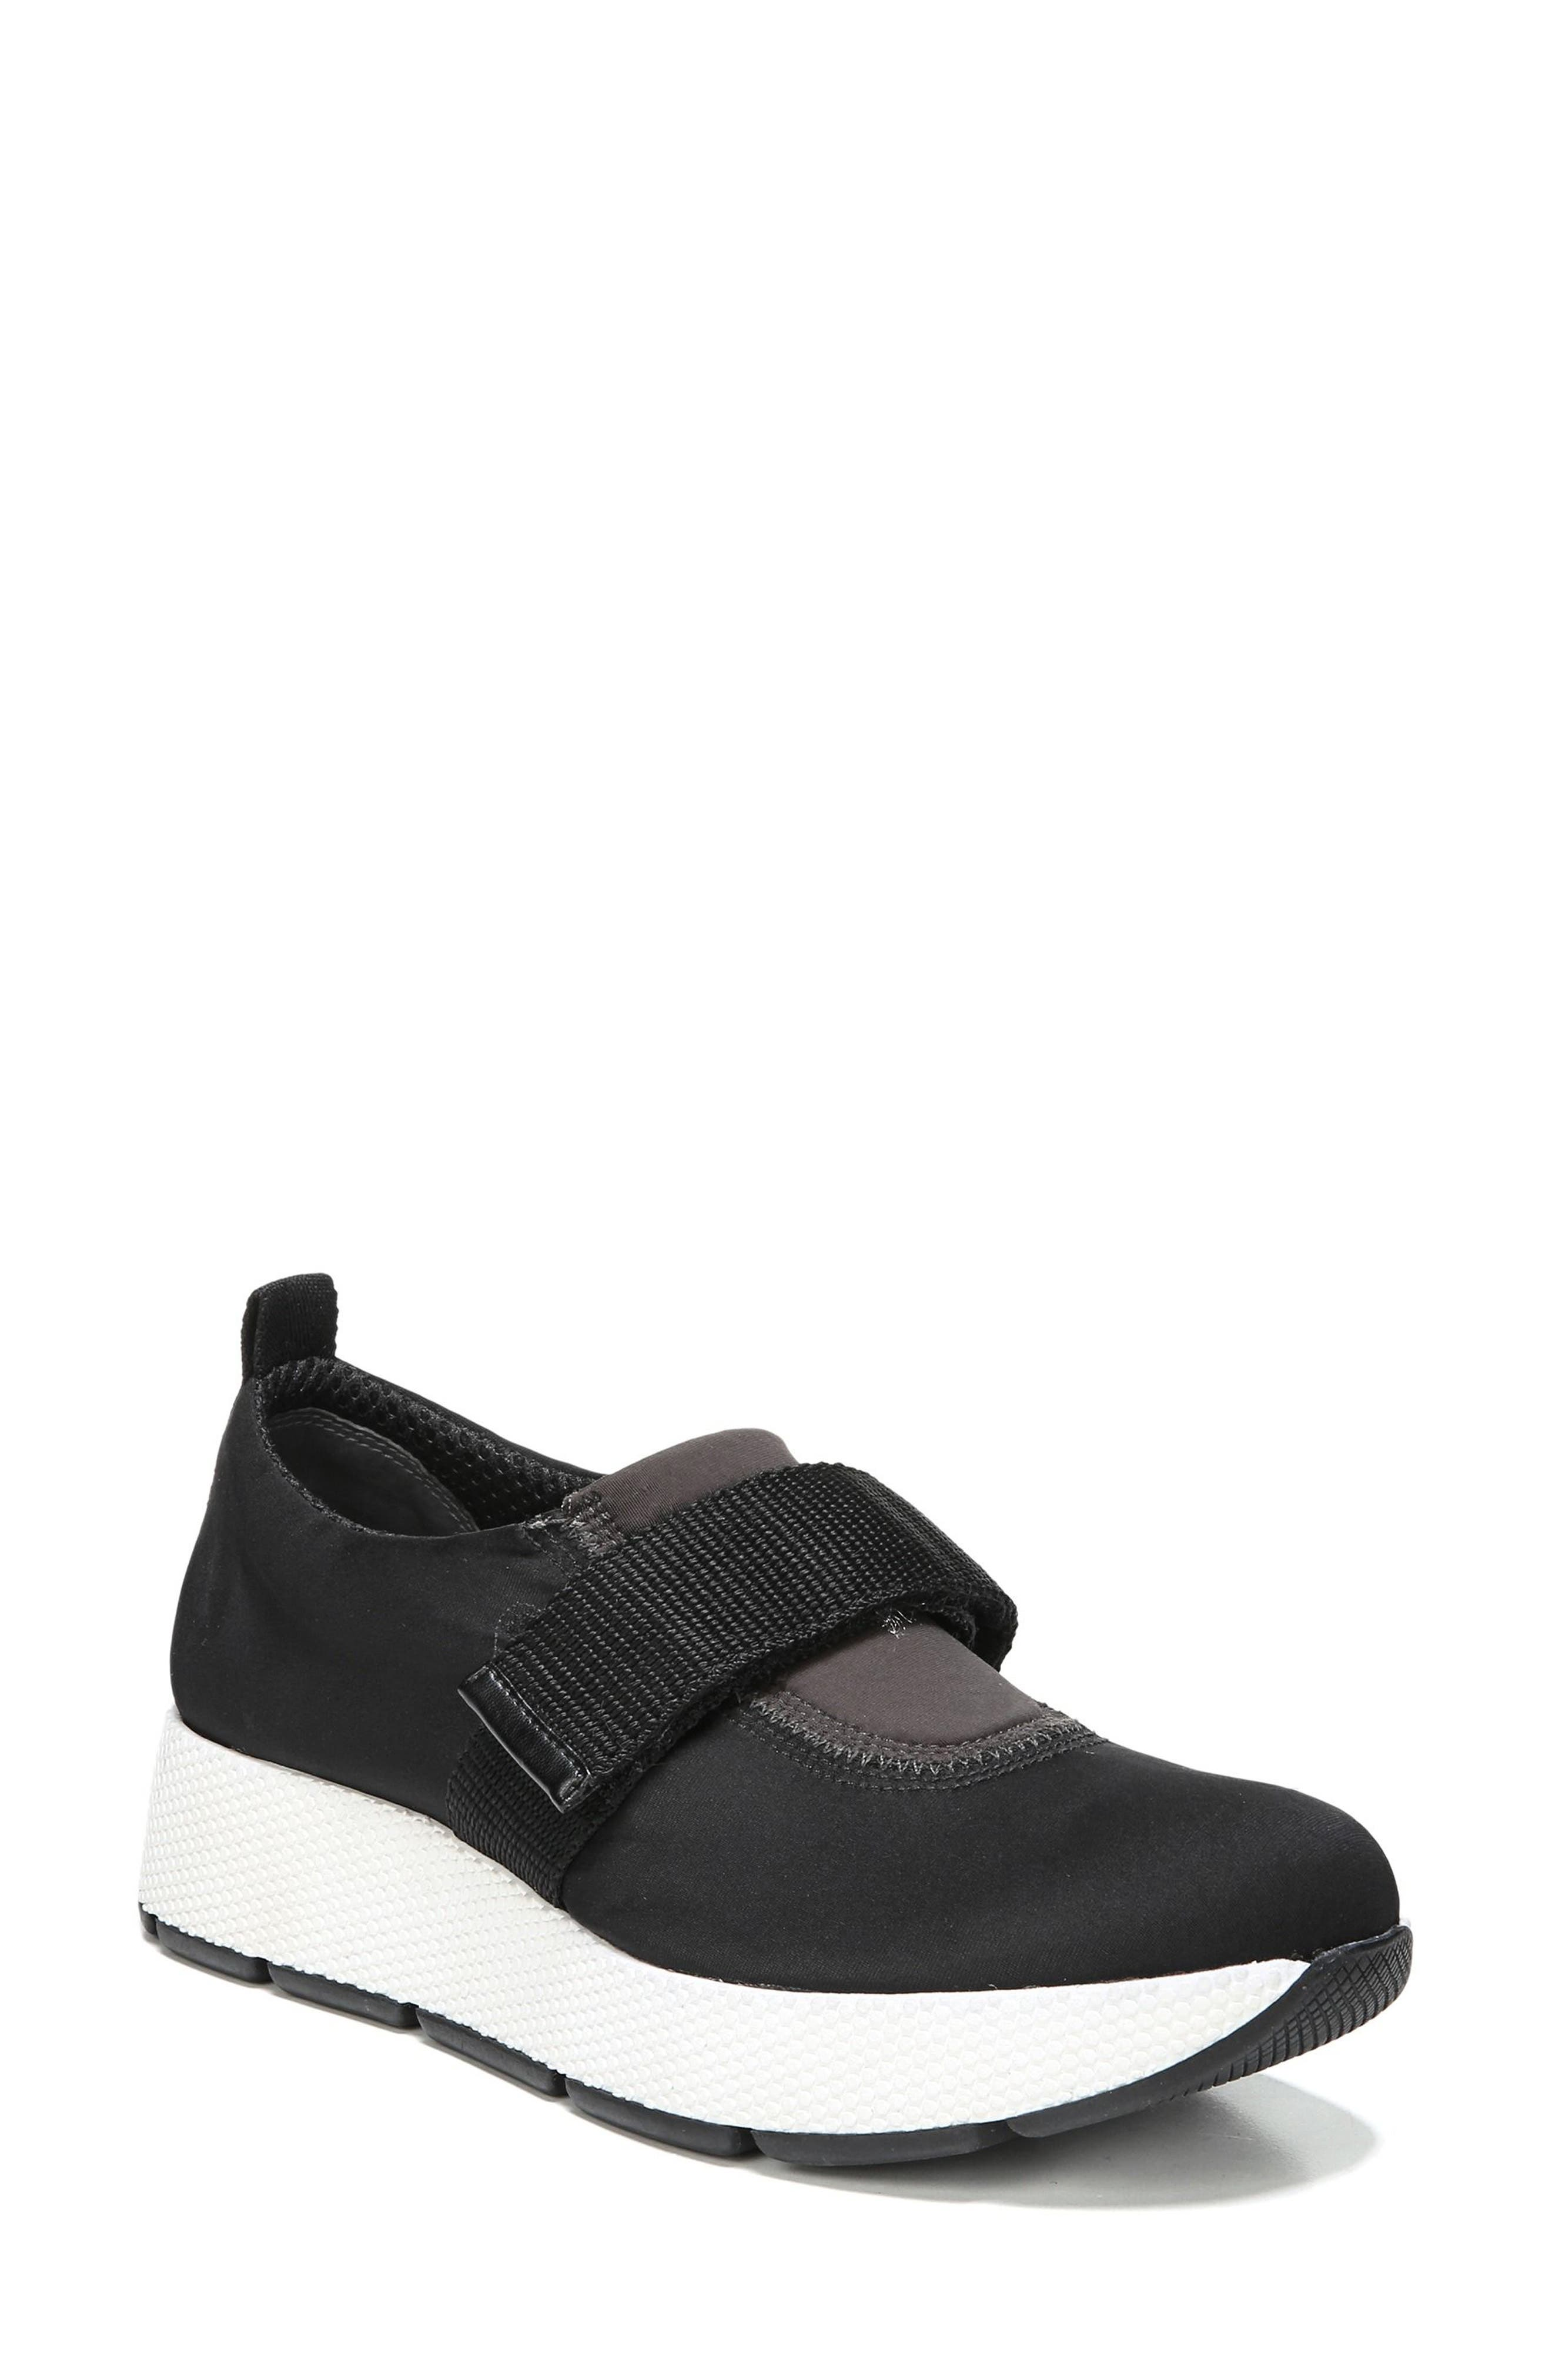 Odella Slip-On Sneaker,                             Main thumbnail 2, color,